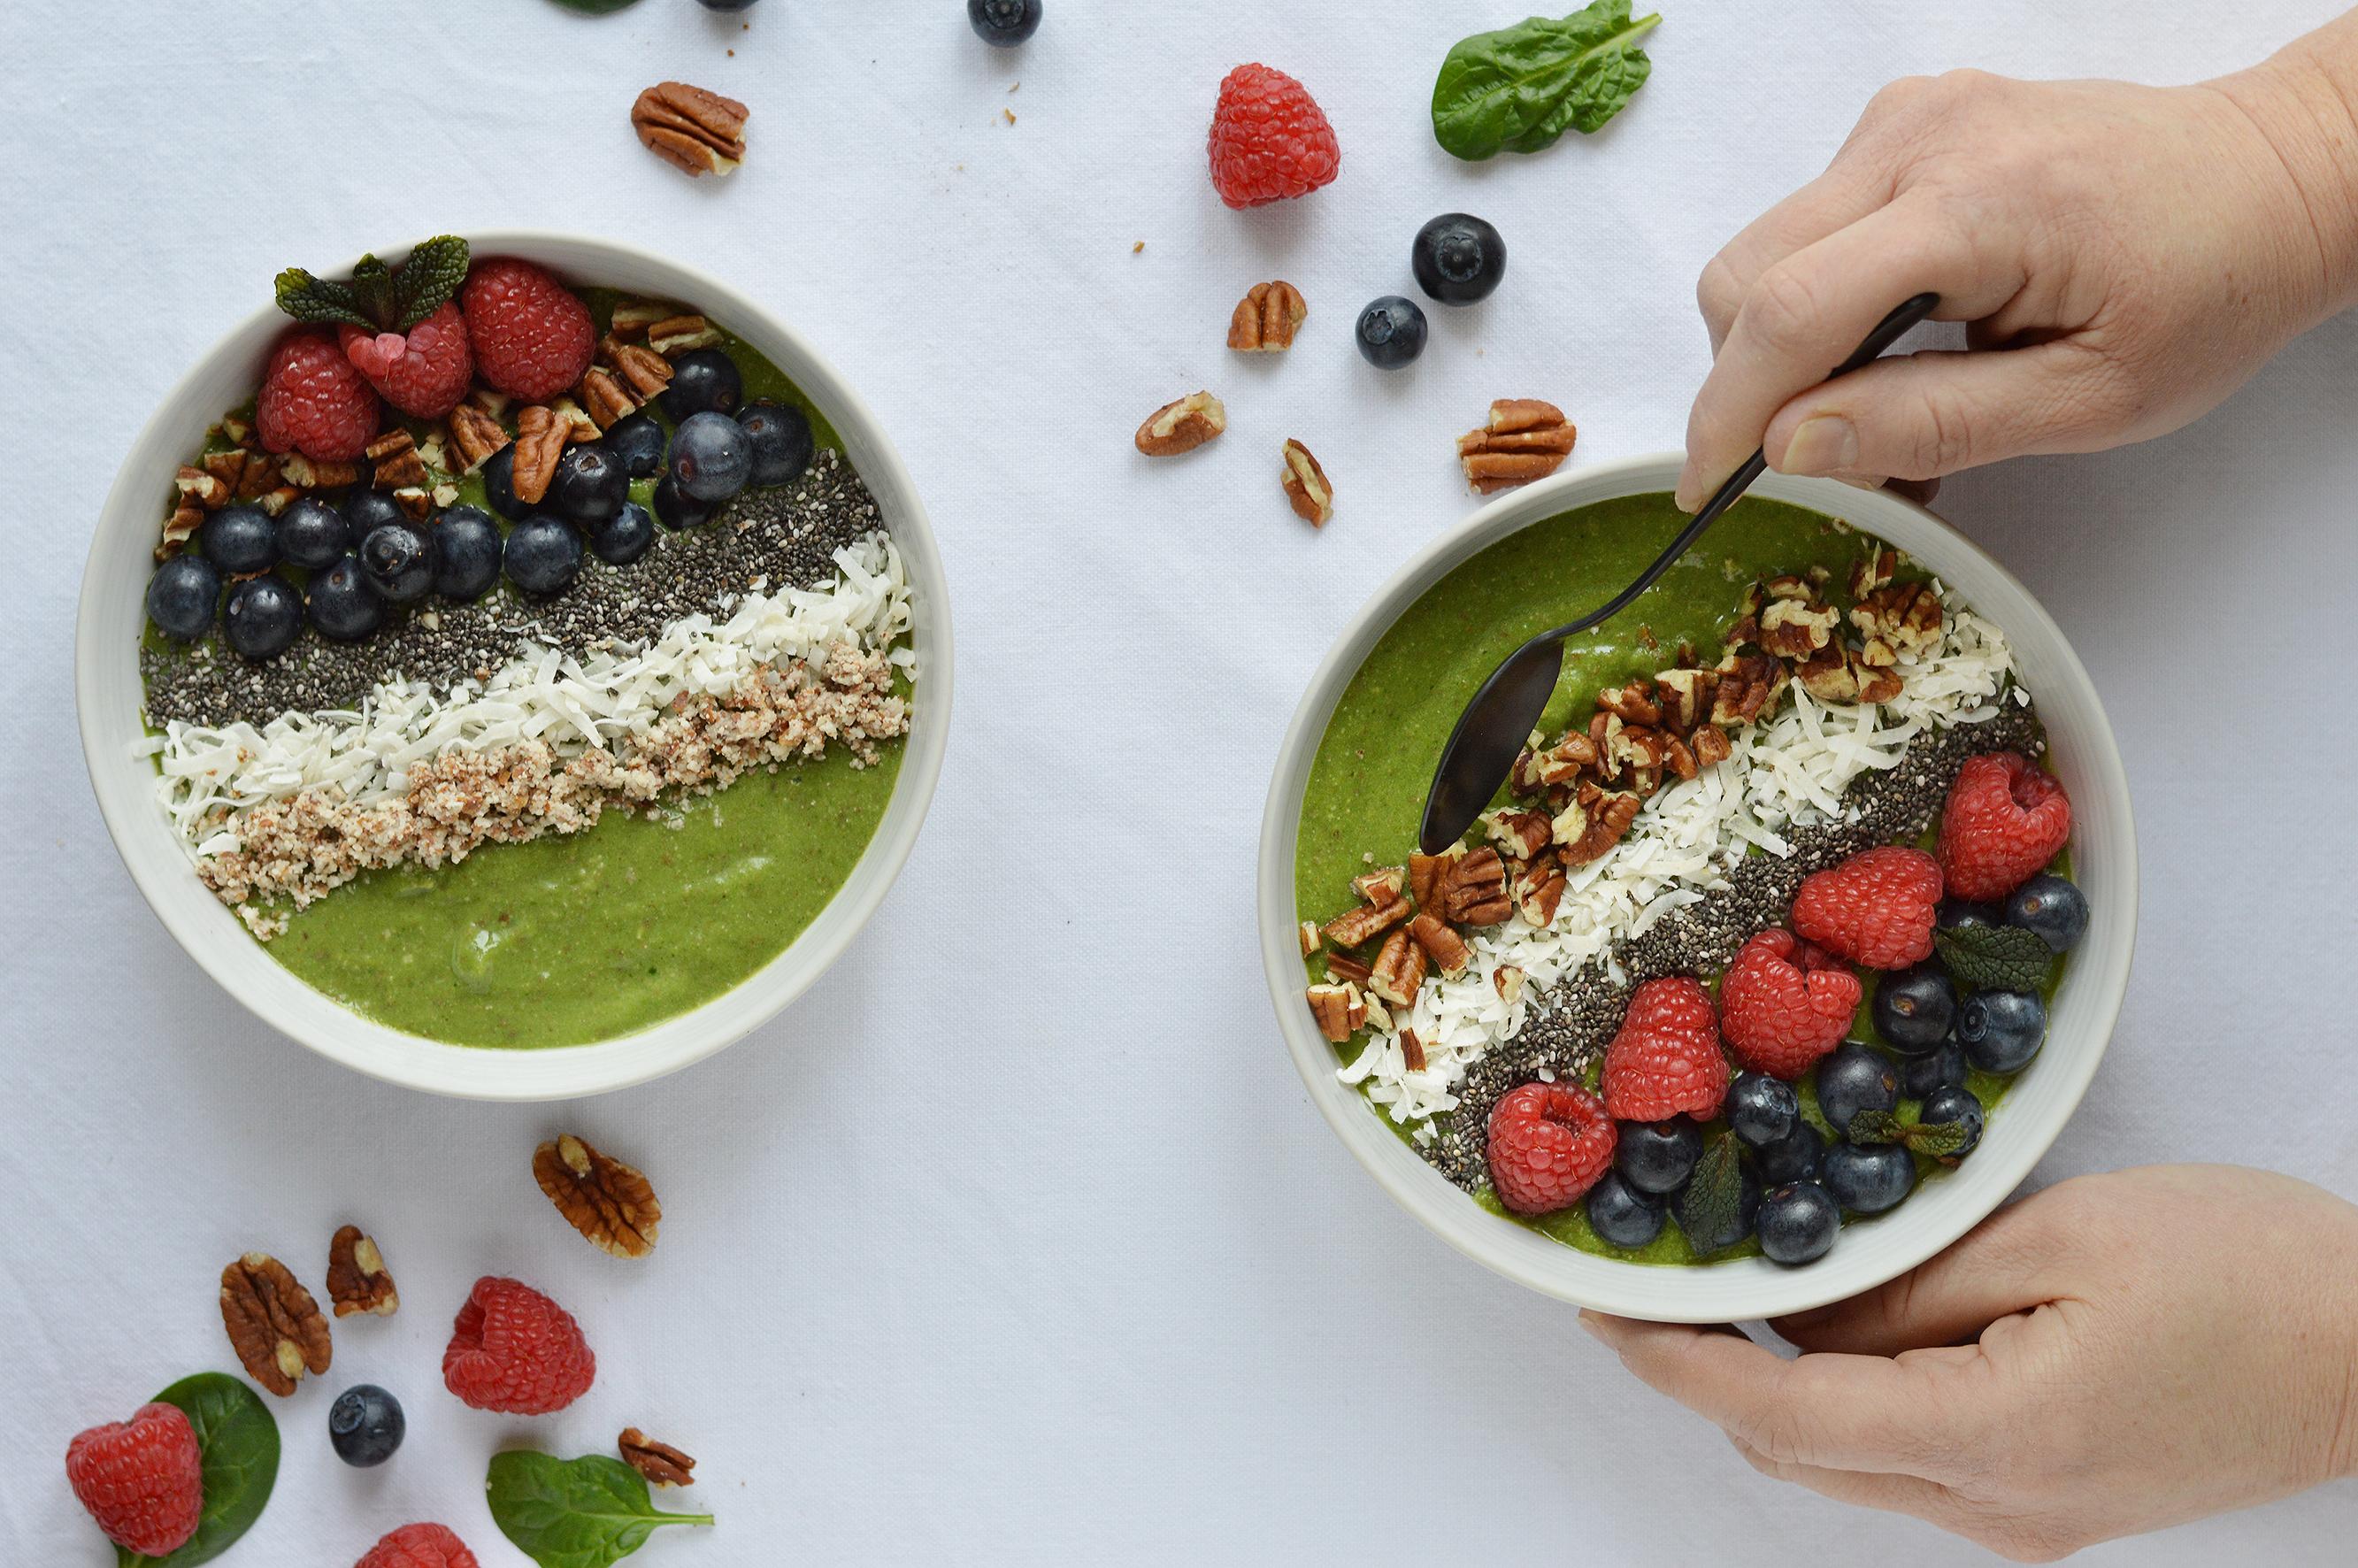 Green smoothie bowl / Plus une miette dans l'assiette